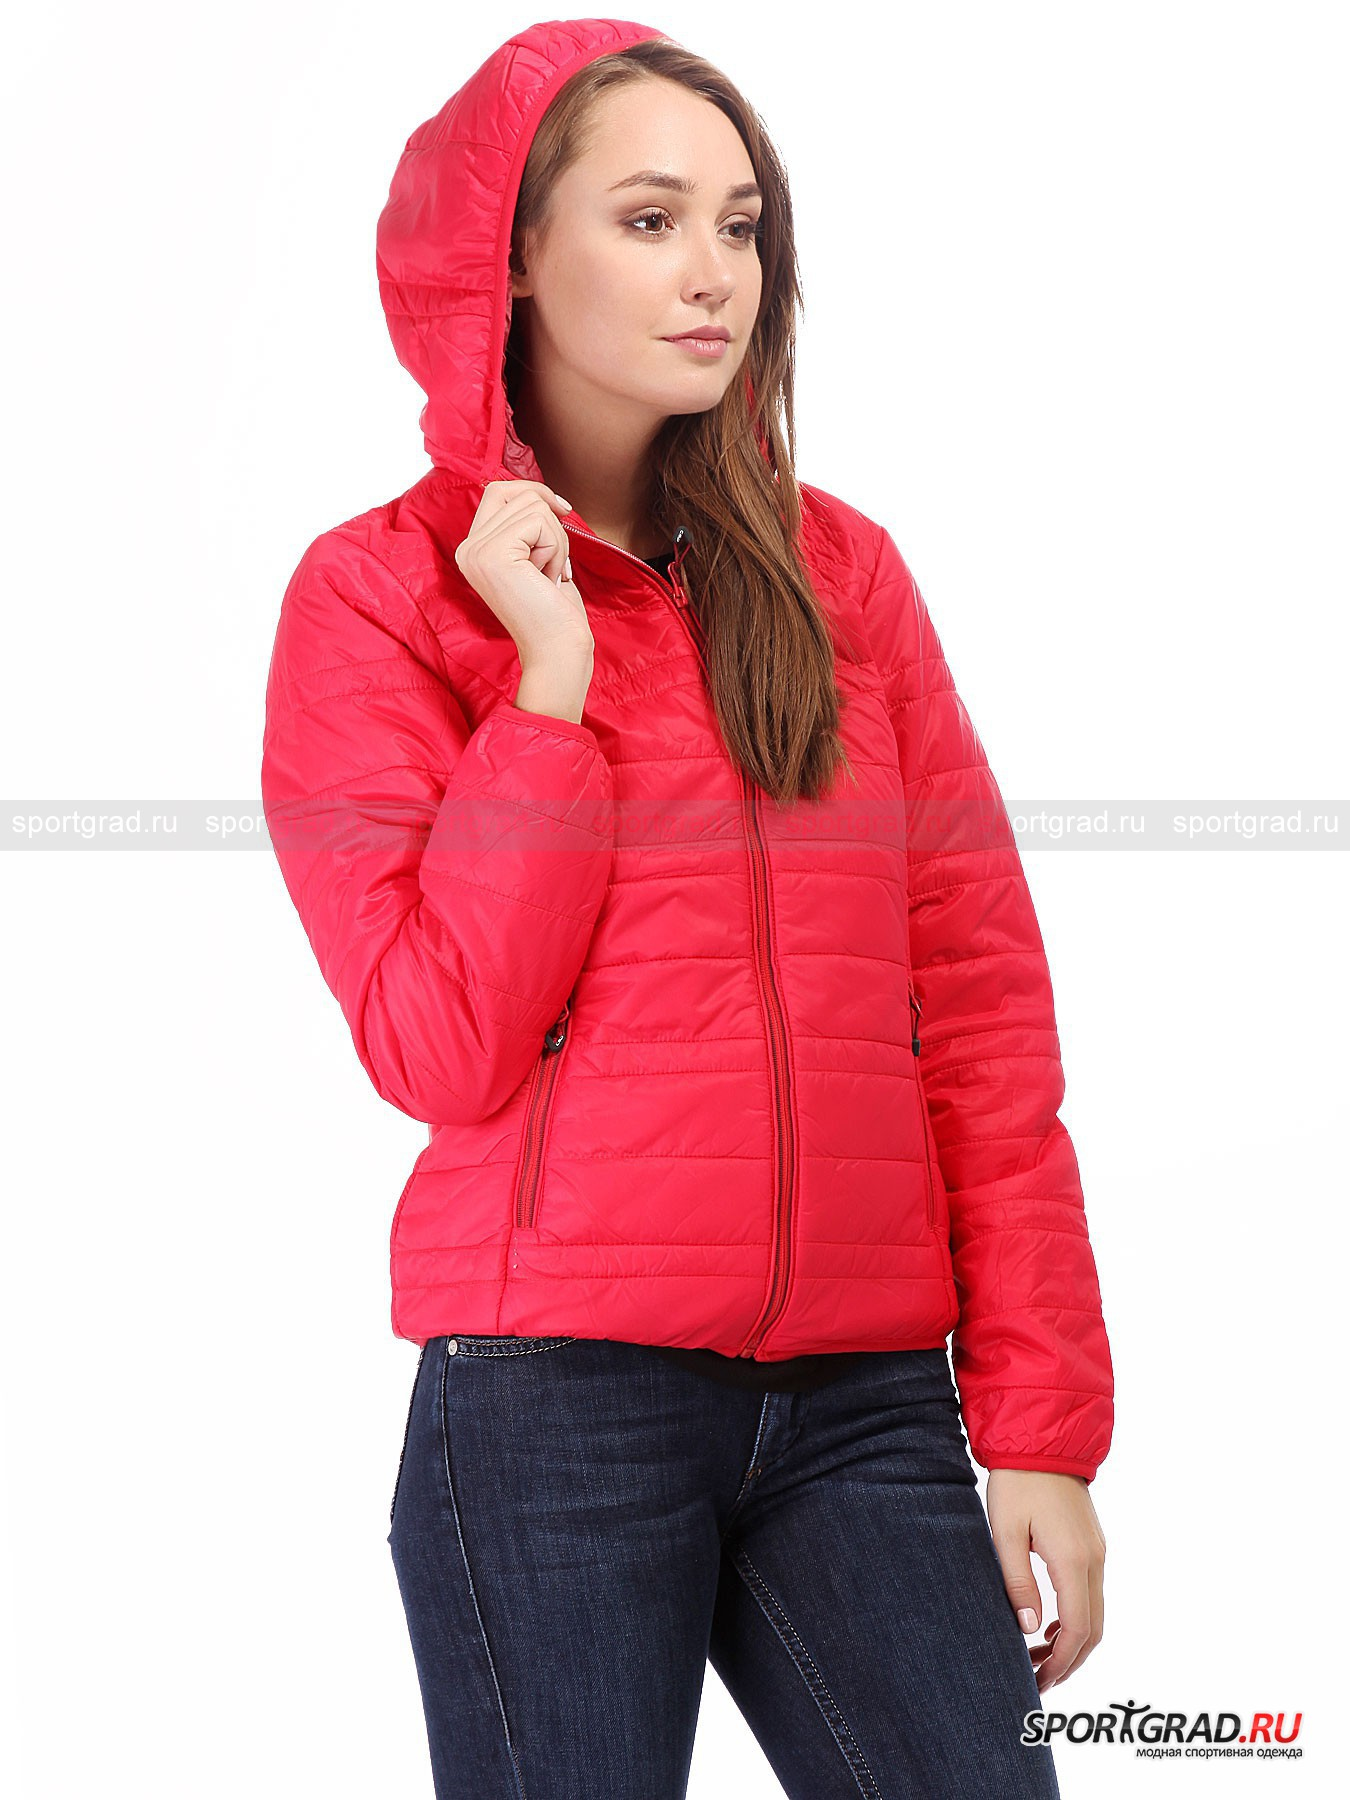 Куртка женская стеганая WOMAN JACKET FI CAMPAGNOLO от Спортград